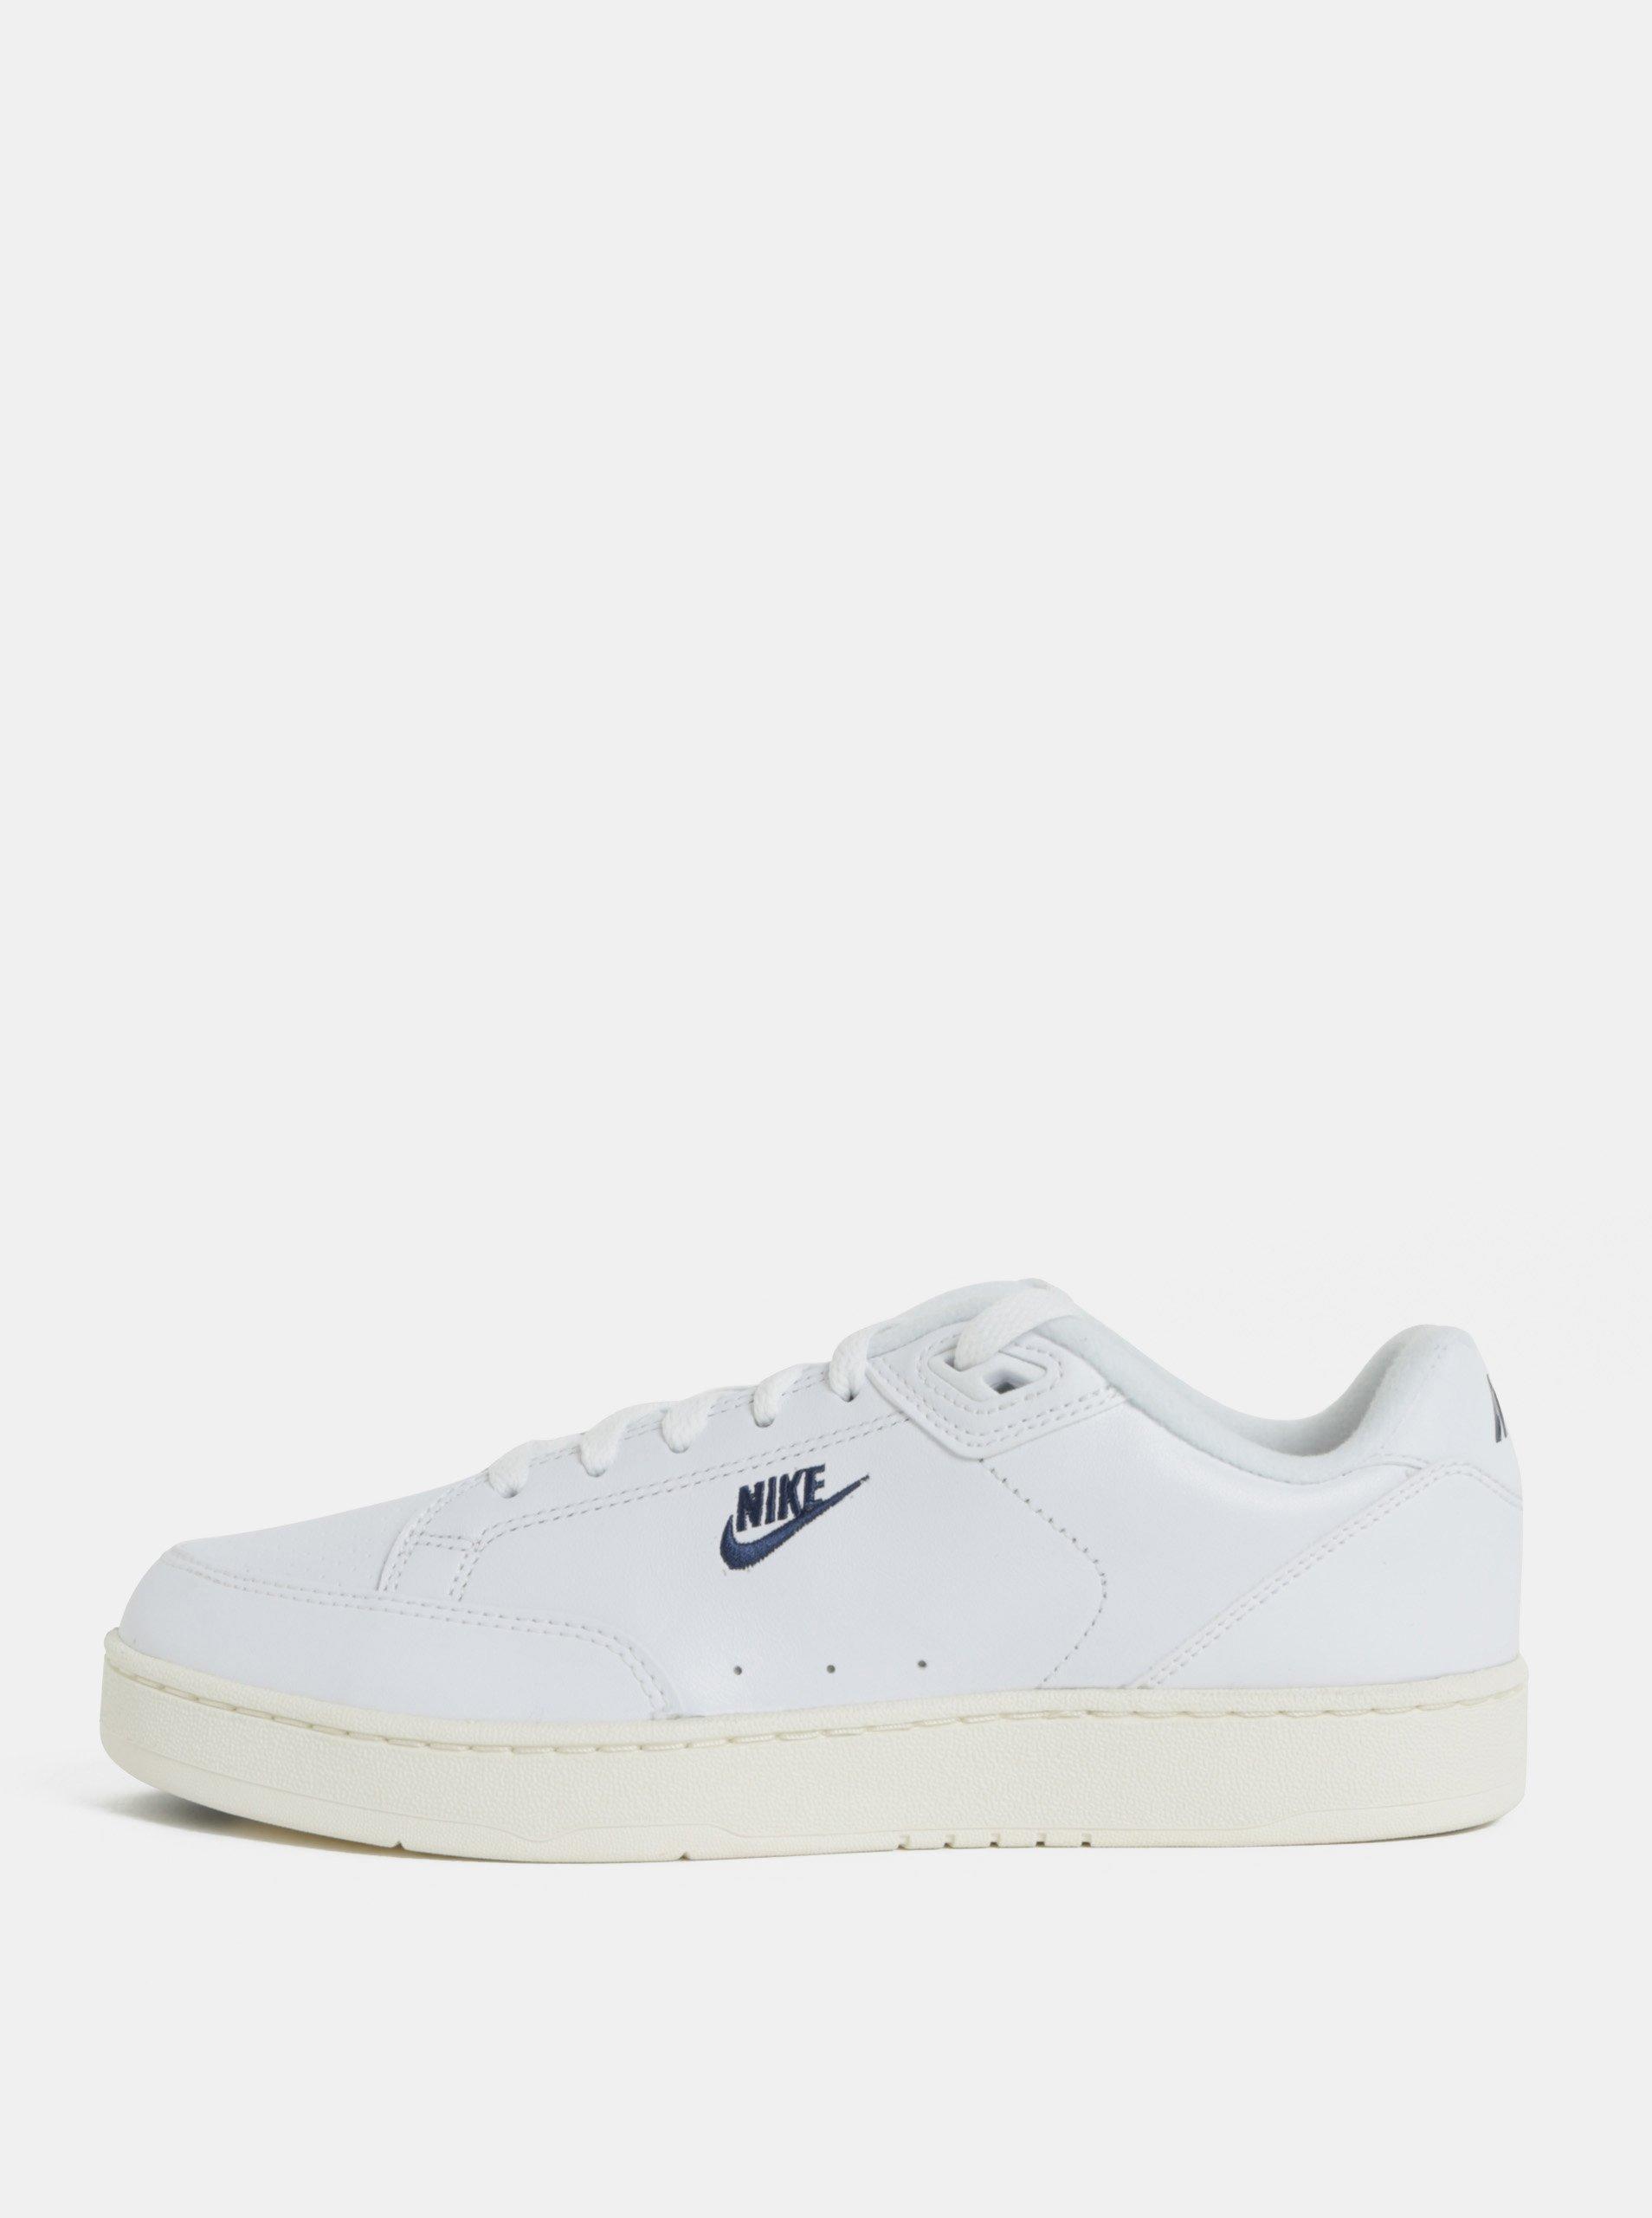 Bílé pánské kožené tenisky Nike Grandstand II 1d42621a95